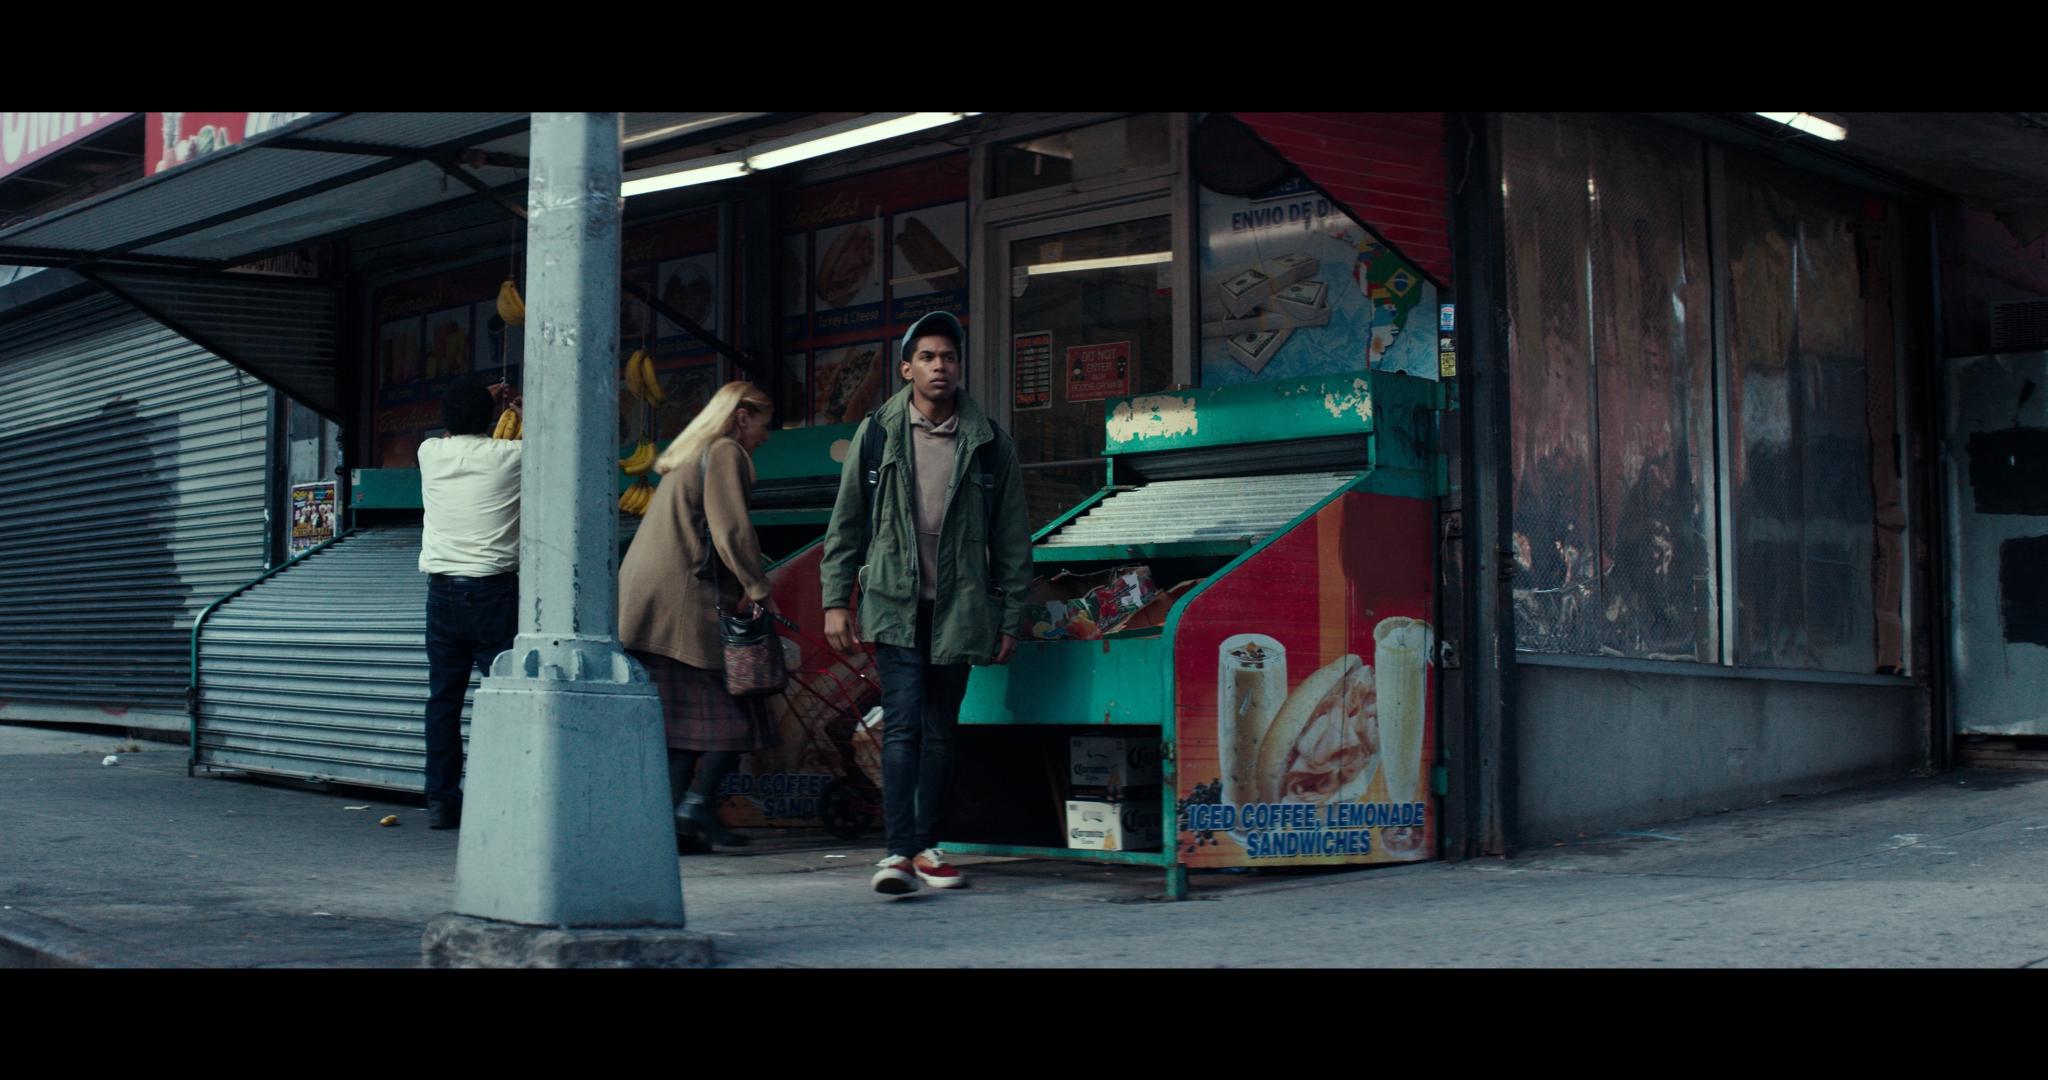 Steve kommt aus einem kleinen Laden während hinter ihm eine blonde Frau Richtung Eingang geht. Im Vordergrund steht ein Laternenpfahl. Steve trägt einen grünen Parka, eine Basecap und eine dunkle Jeans.